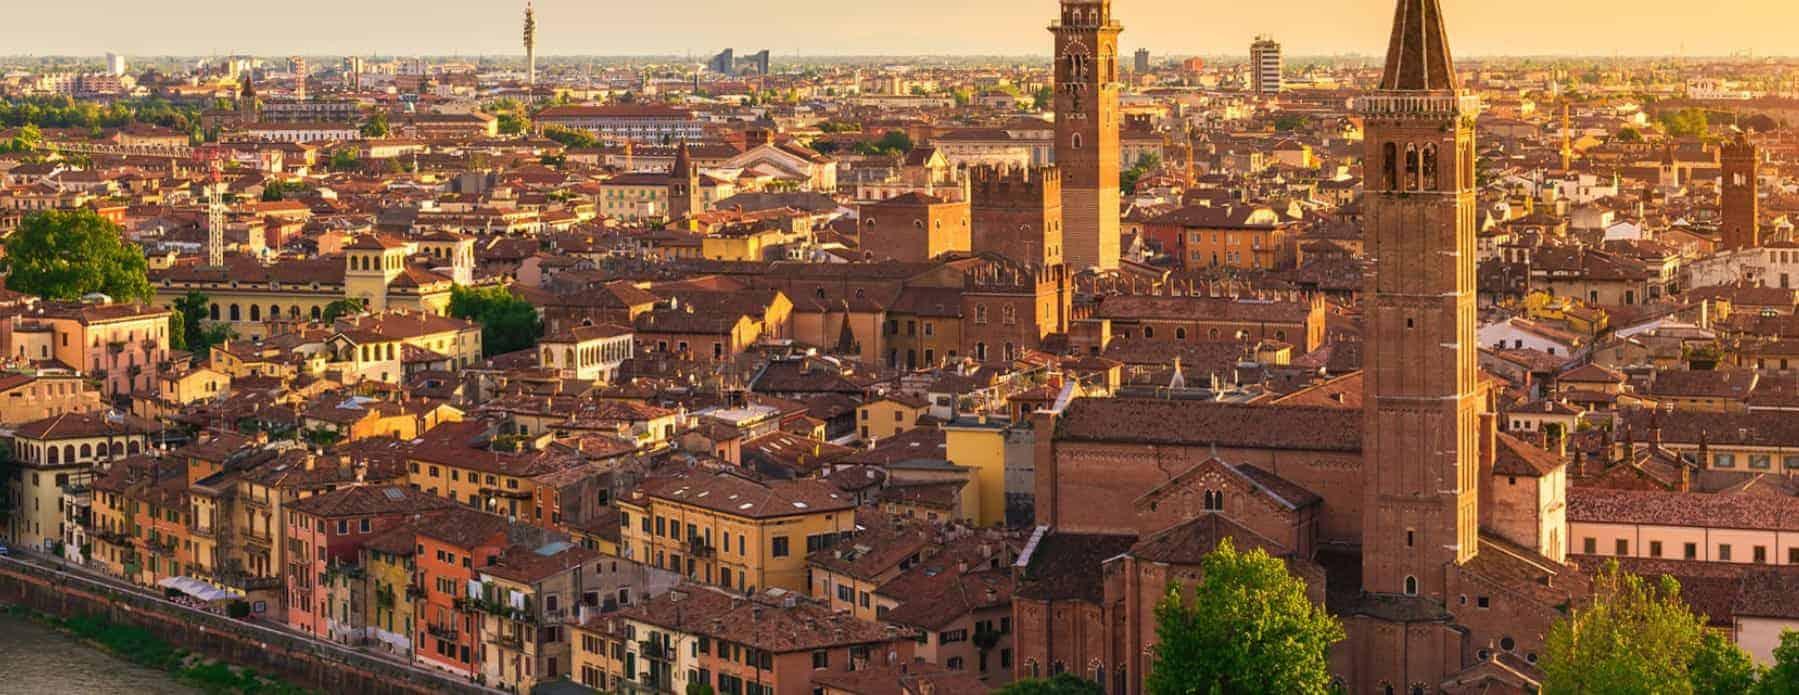 Hostaria Verona - Canzone delle osterie di fuori porta - Francesco Guccini - Verona Wine Love